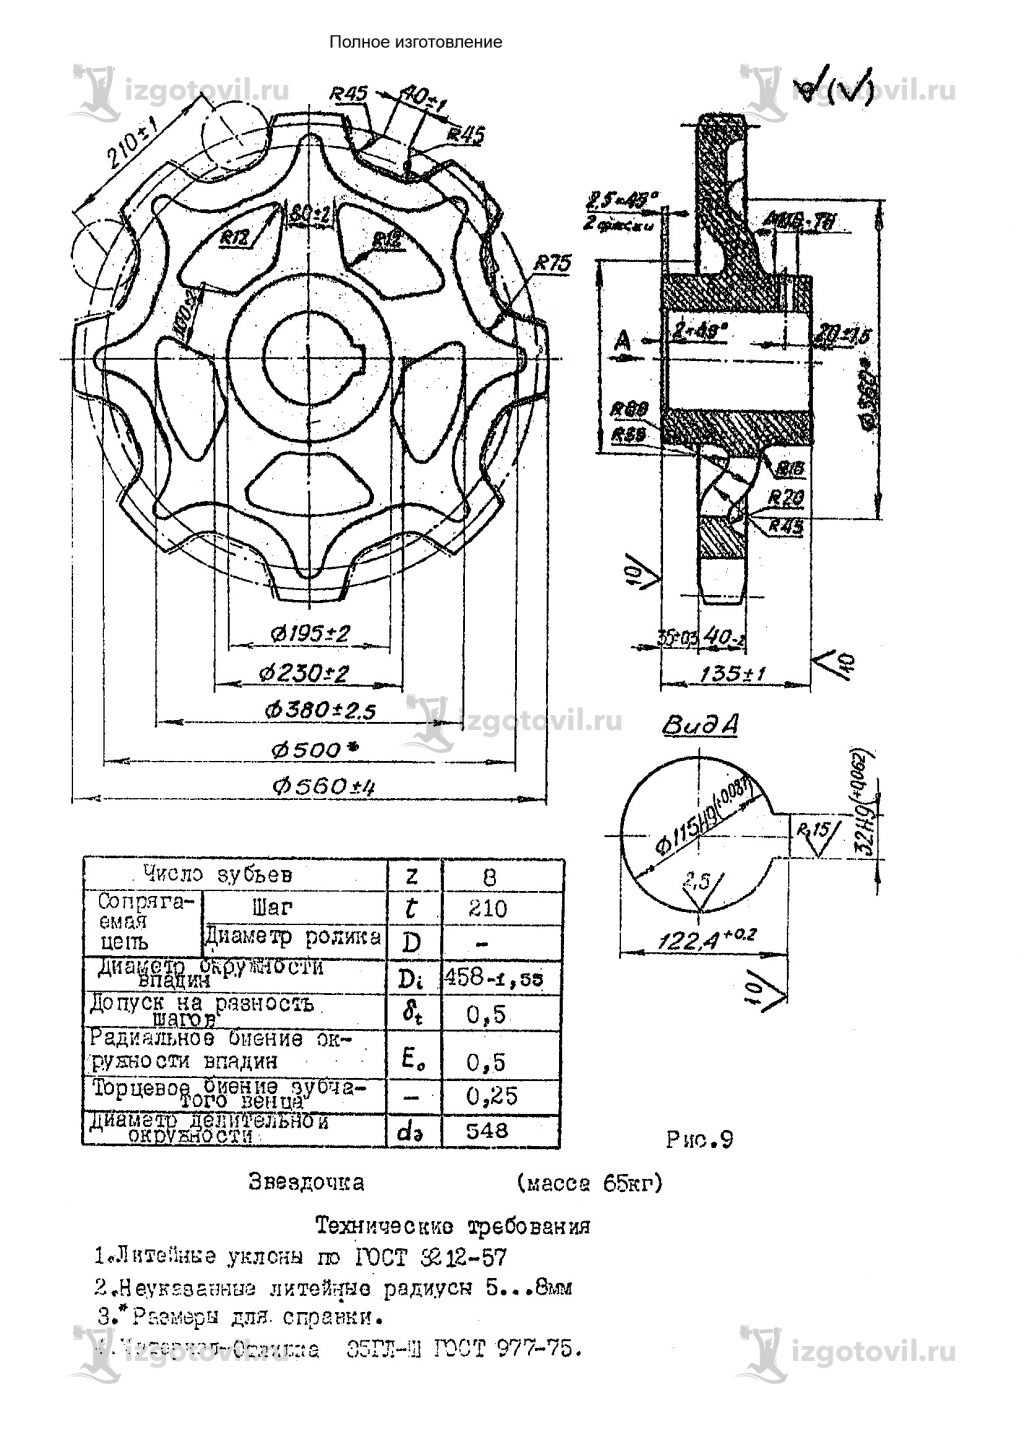 Изготовление деталей по чертежам: изготовление звездочек, колес, и шестерни.